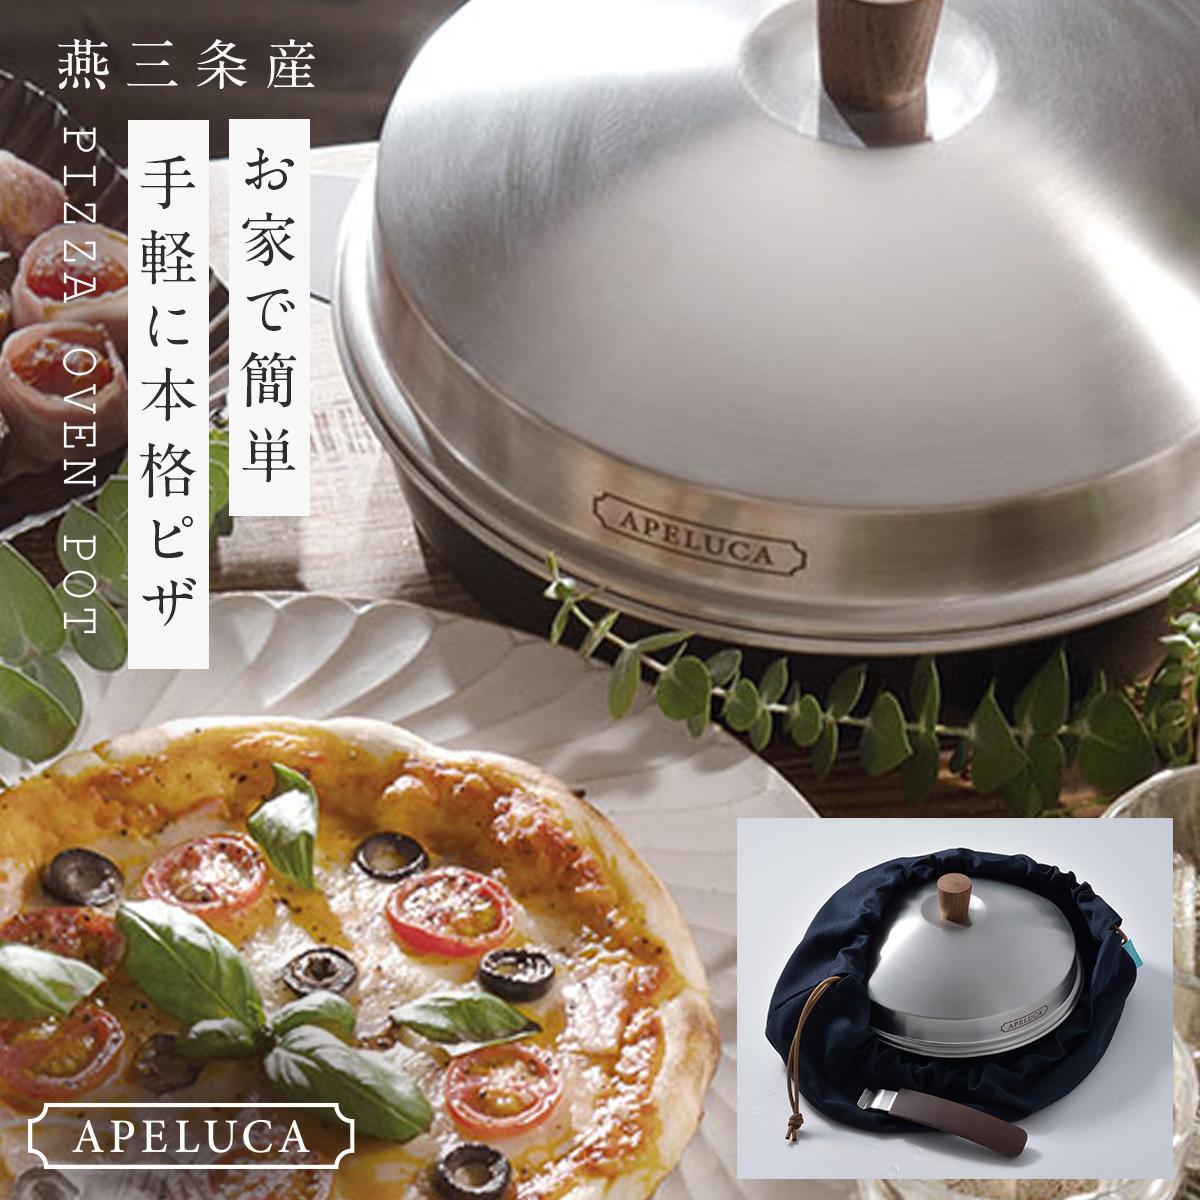 ピザ オーブン 家庭用 手軽 簡単 おしゃれ APELUCA ピザオーブンポット アペルカ ピザ焼き機 家庭用ピザオーブン キャンプ バーベキュー アウトドア ホームパーティー ピザ釡 ピザ窯 調理器具 北欧 シンプル ステンレス 祝い ギフト 炭火 コンロ 屋外グリル pizza ギフ